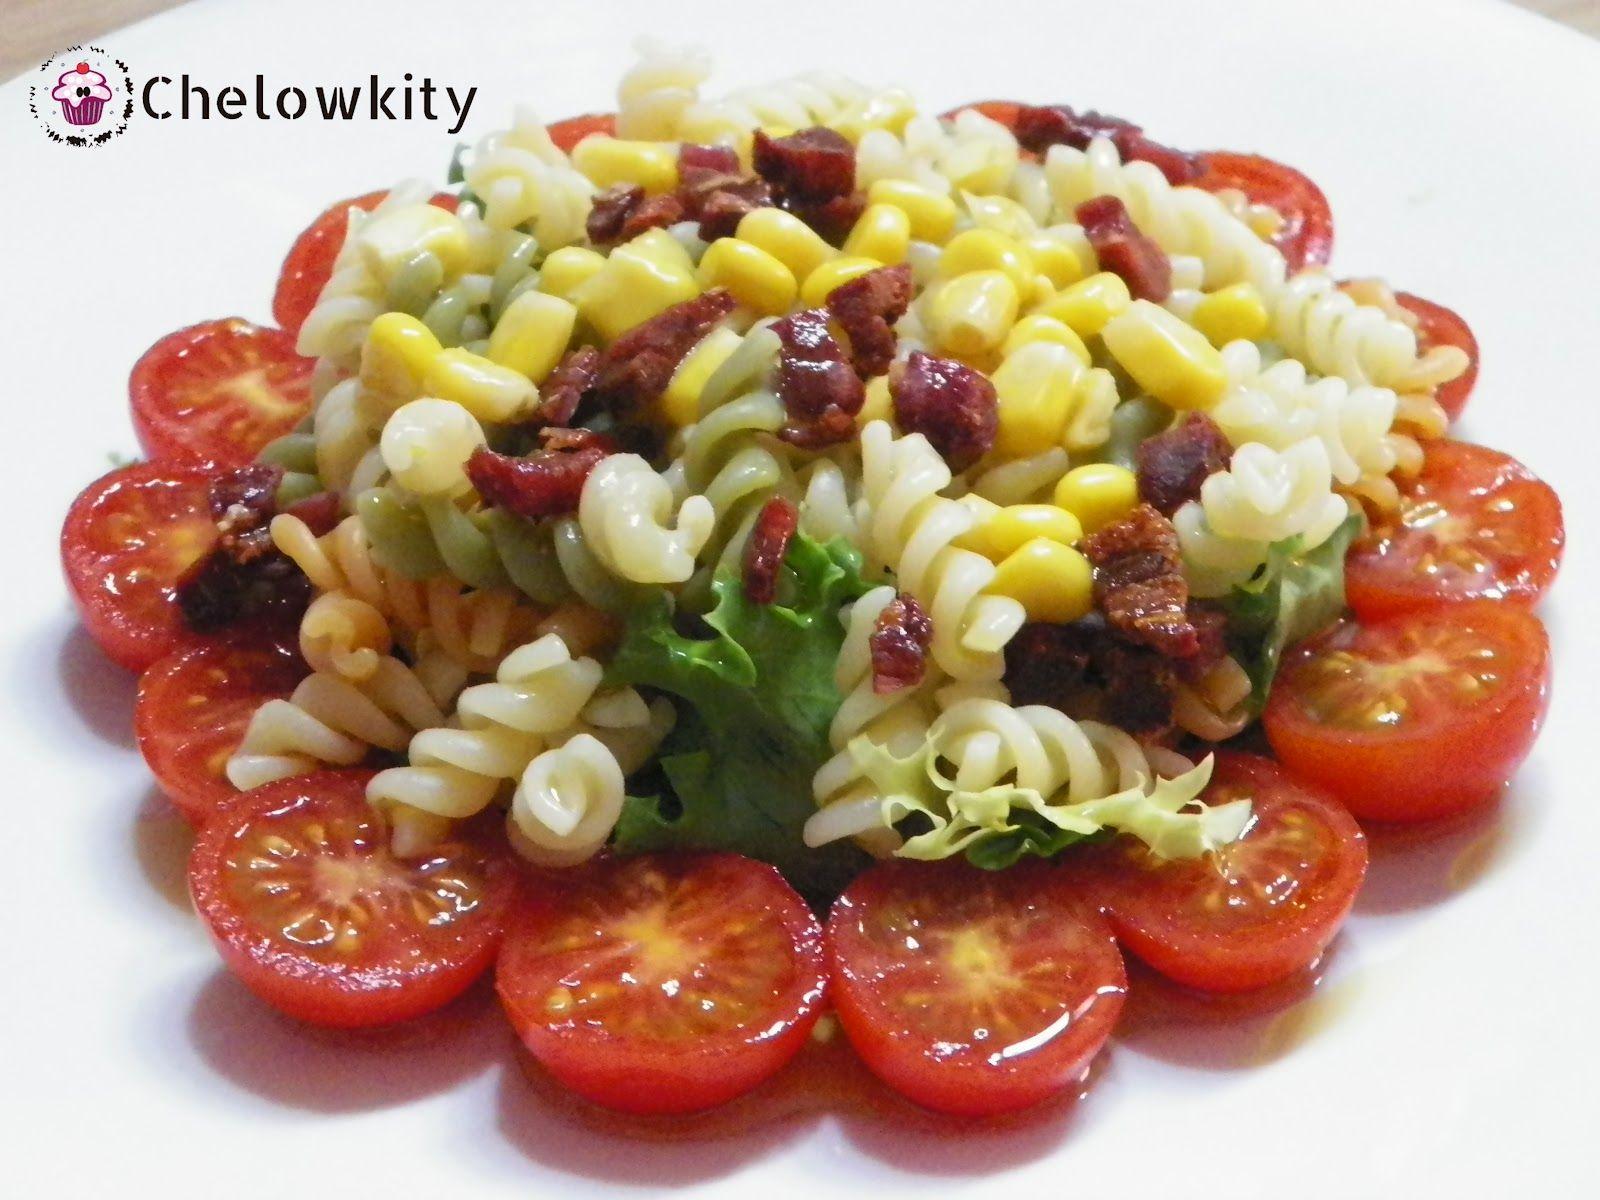 Resultado de imagen para montajes de ensaladas gourmet - Ensaladas gourmet faciles ...